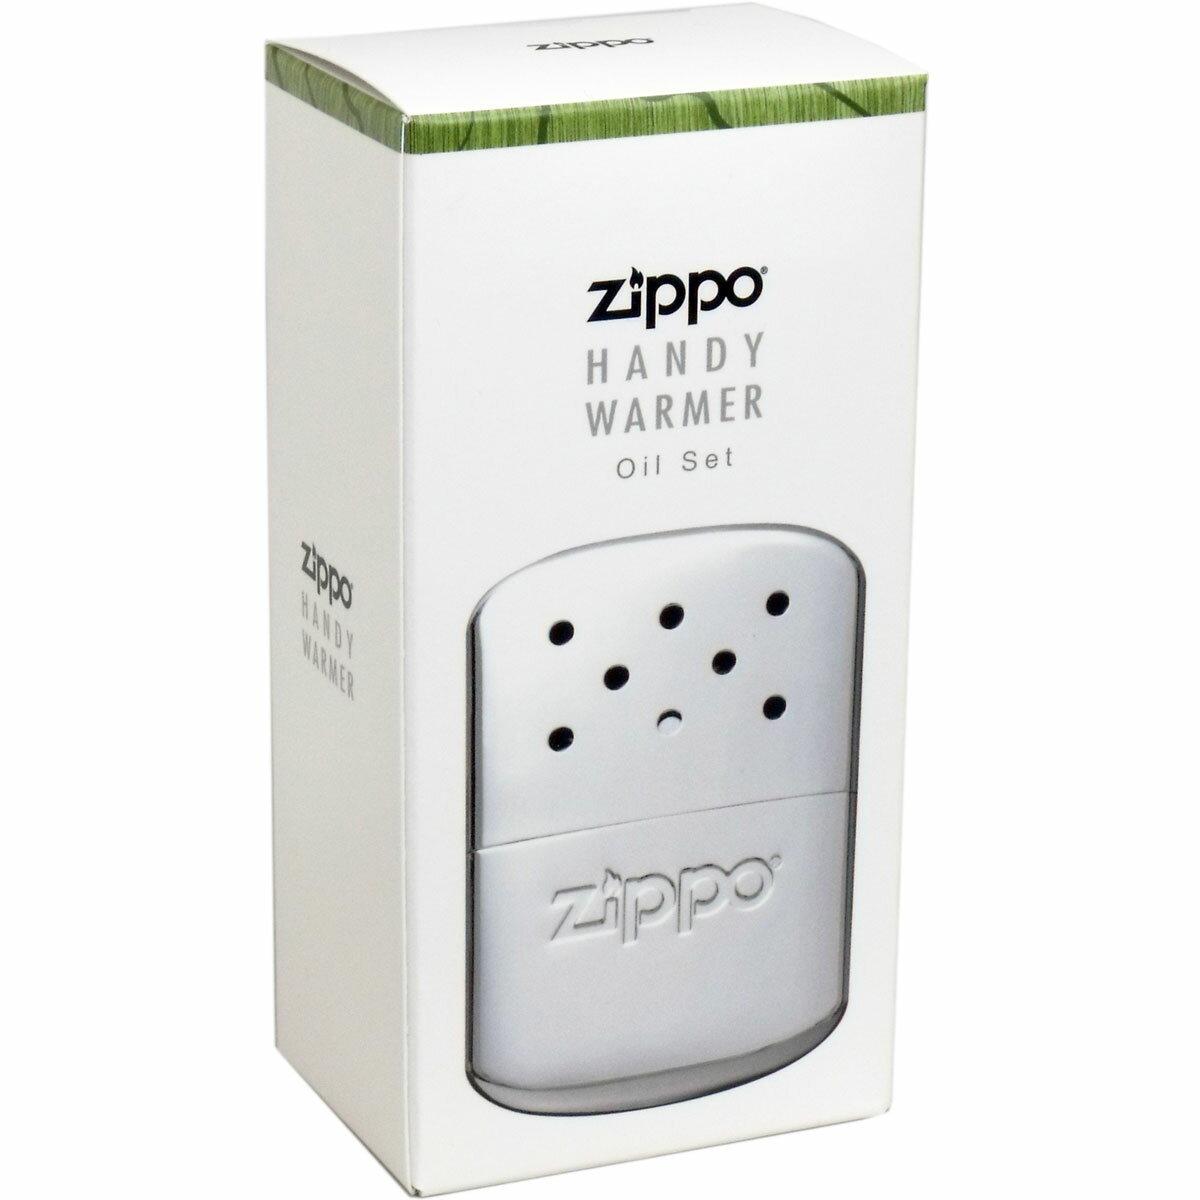 【大感謝価格 】ZIPPO(ジッポー) ハンディウォーマー オイル充填式カイロ ZHW-15